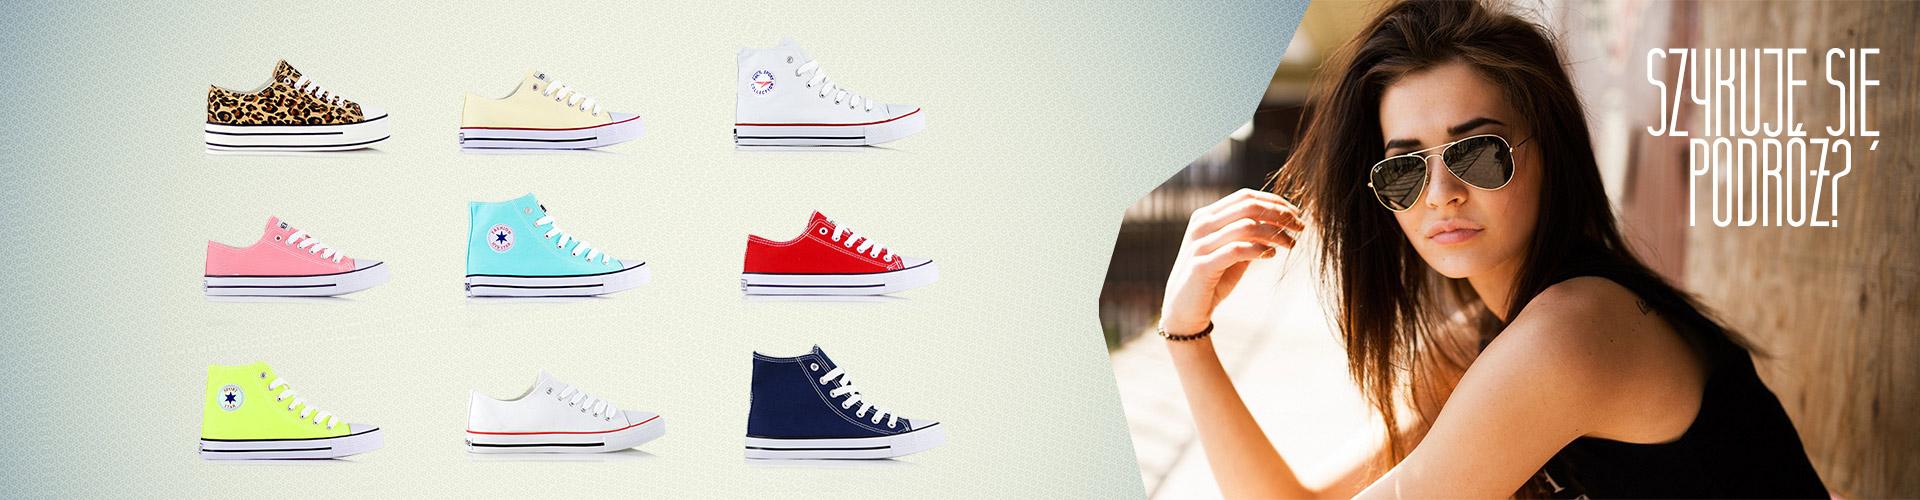 BOOTSY.pl - modne buty damskie, torebki i akcesoria w atrakcyjnych cenach - BOOTSY.pl 'Fashion that moves you' - modne buty i torebki w atrakcyjnych cenach